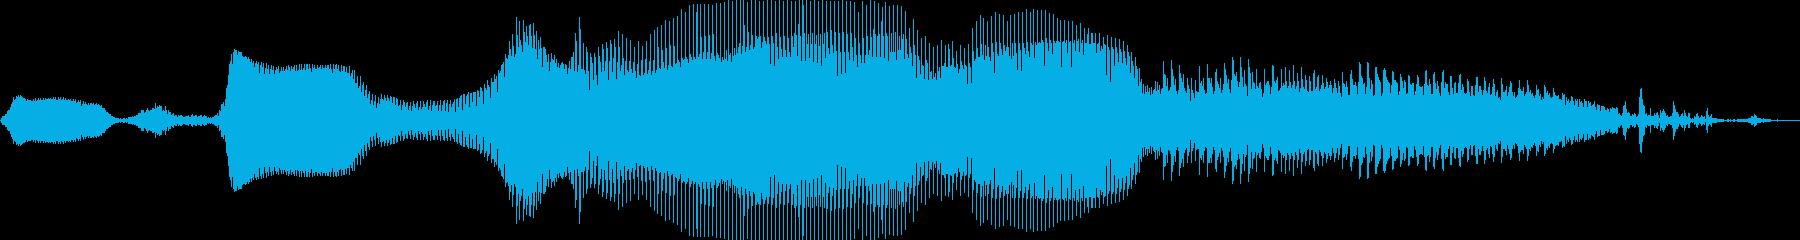 うぇーんっ!の再生済みの波形